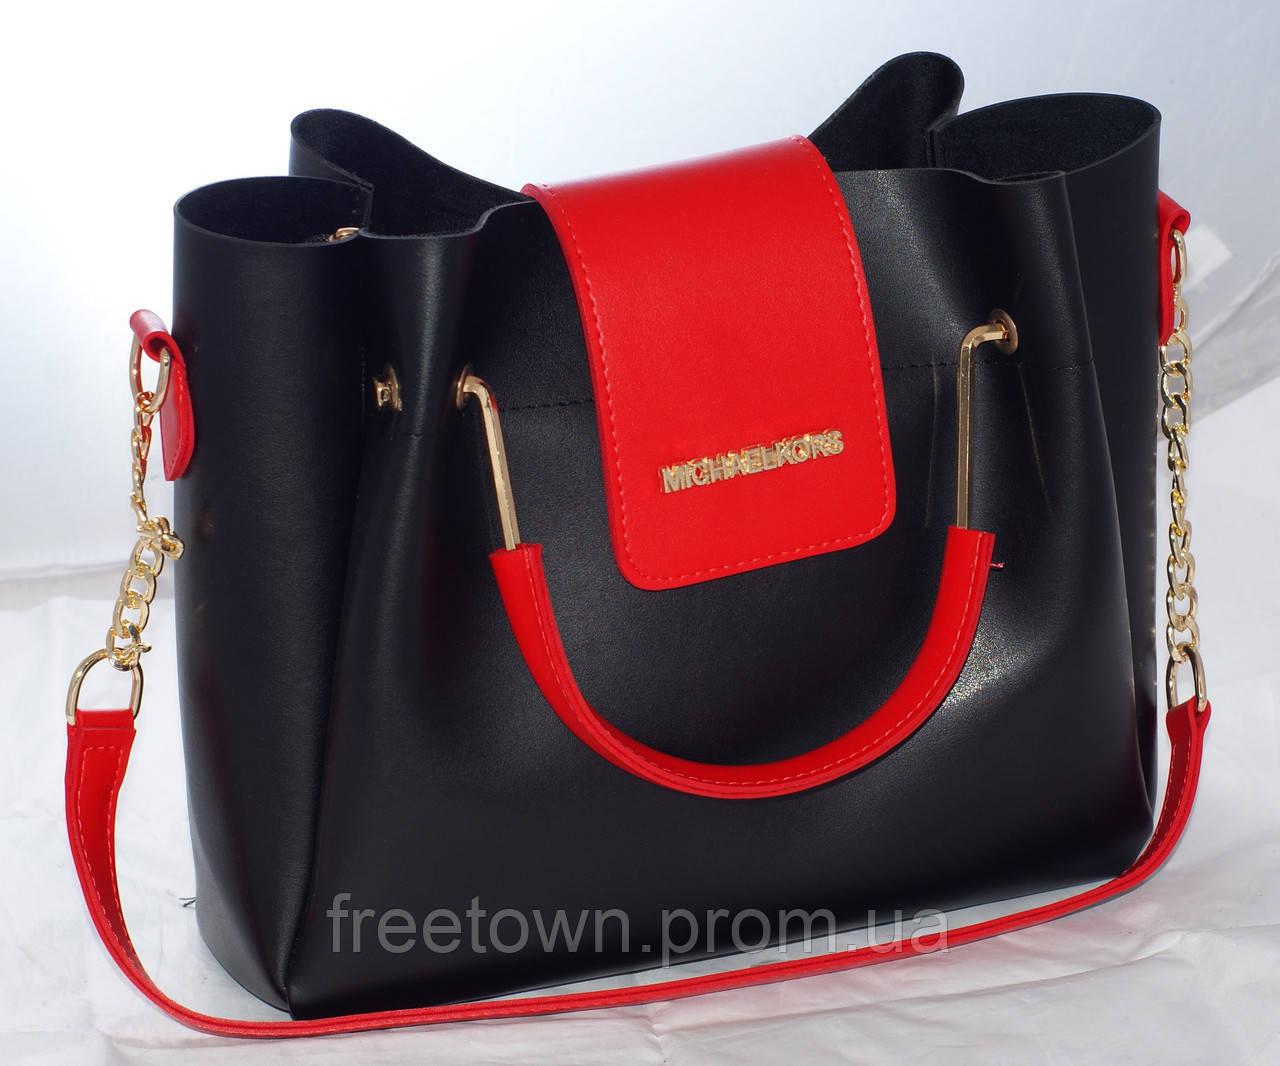 Женская сумка Michael Kors (Майкл Корс), черная с красным   продажа ... 5aa1e68c541